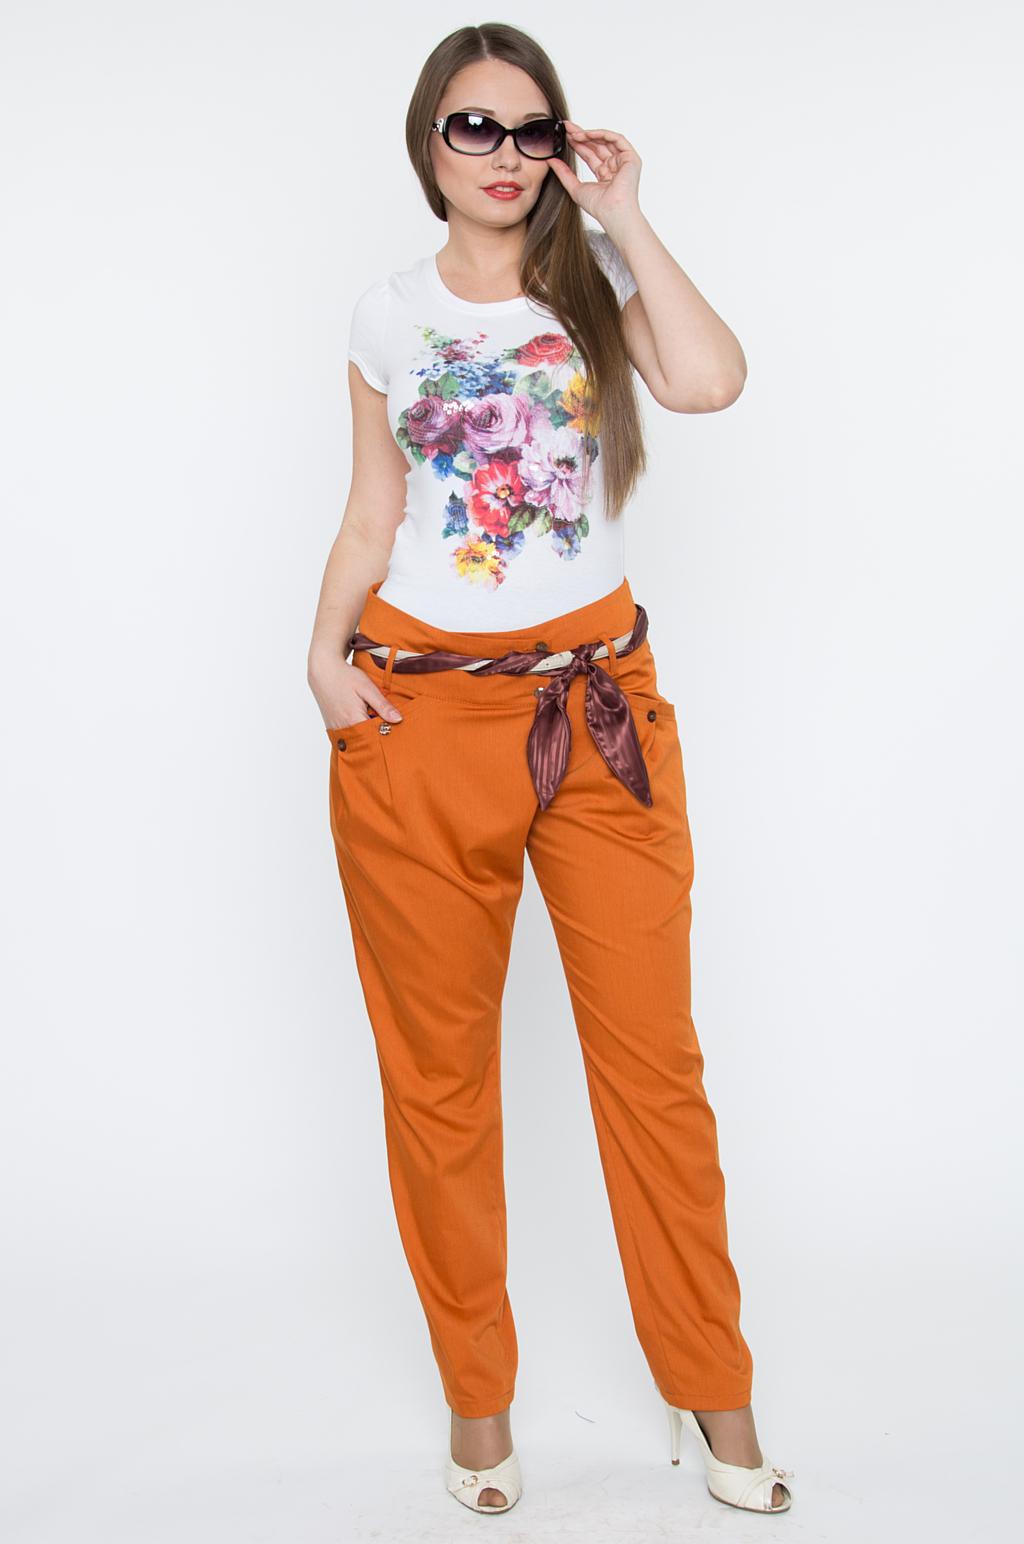 Сбор заказов. Выкуп 36. Модные,яркие,стильные, оригинальные брючки, капри, юбки,шорты, от Polline. Цены от 380 р, без